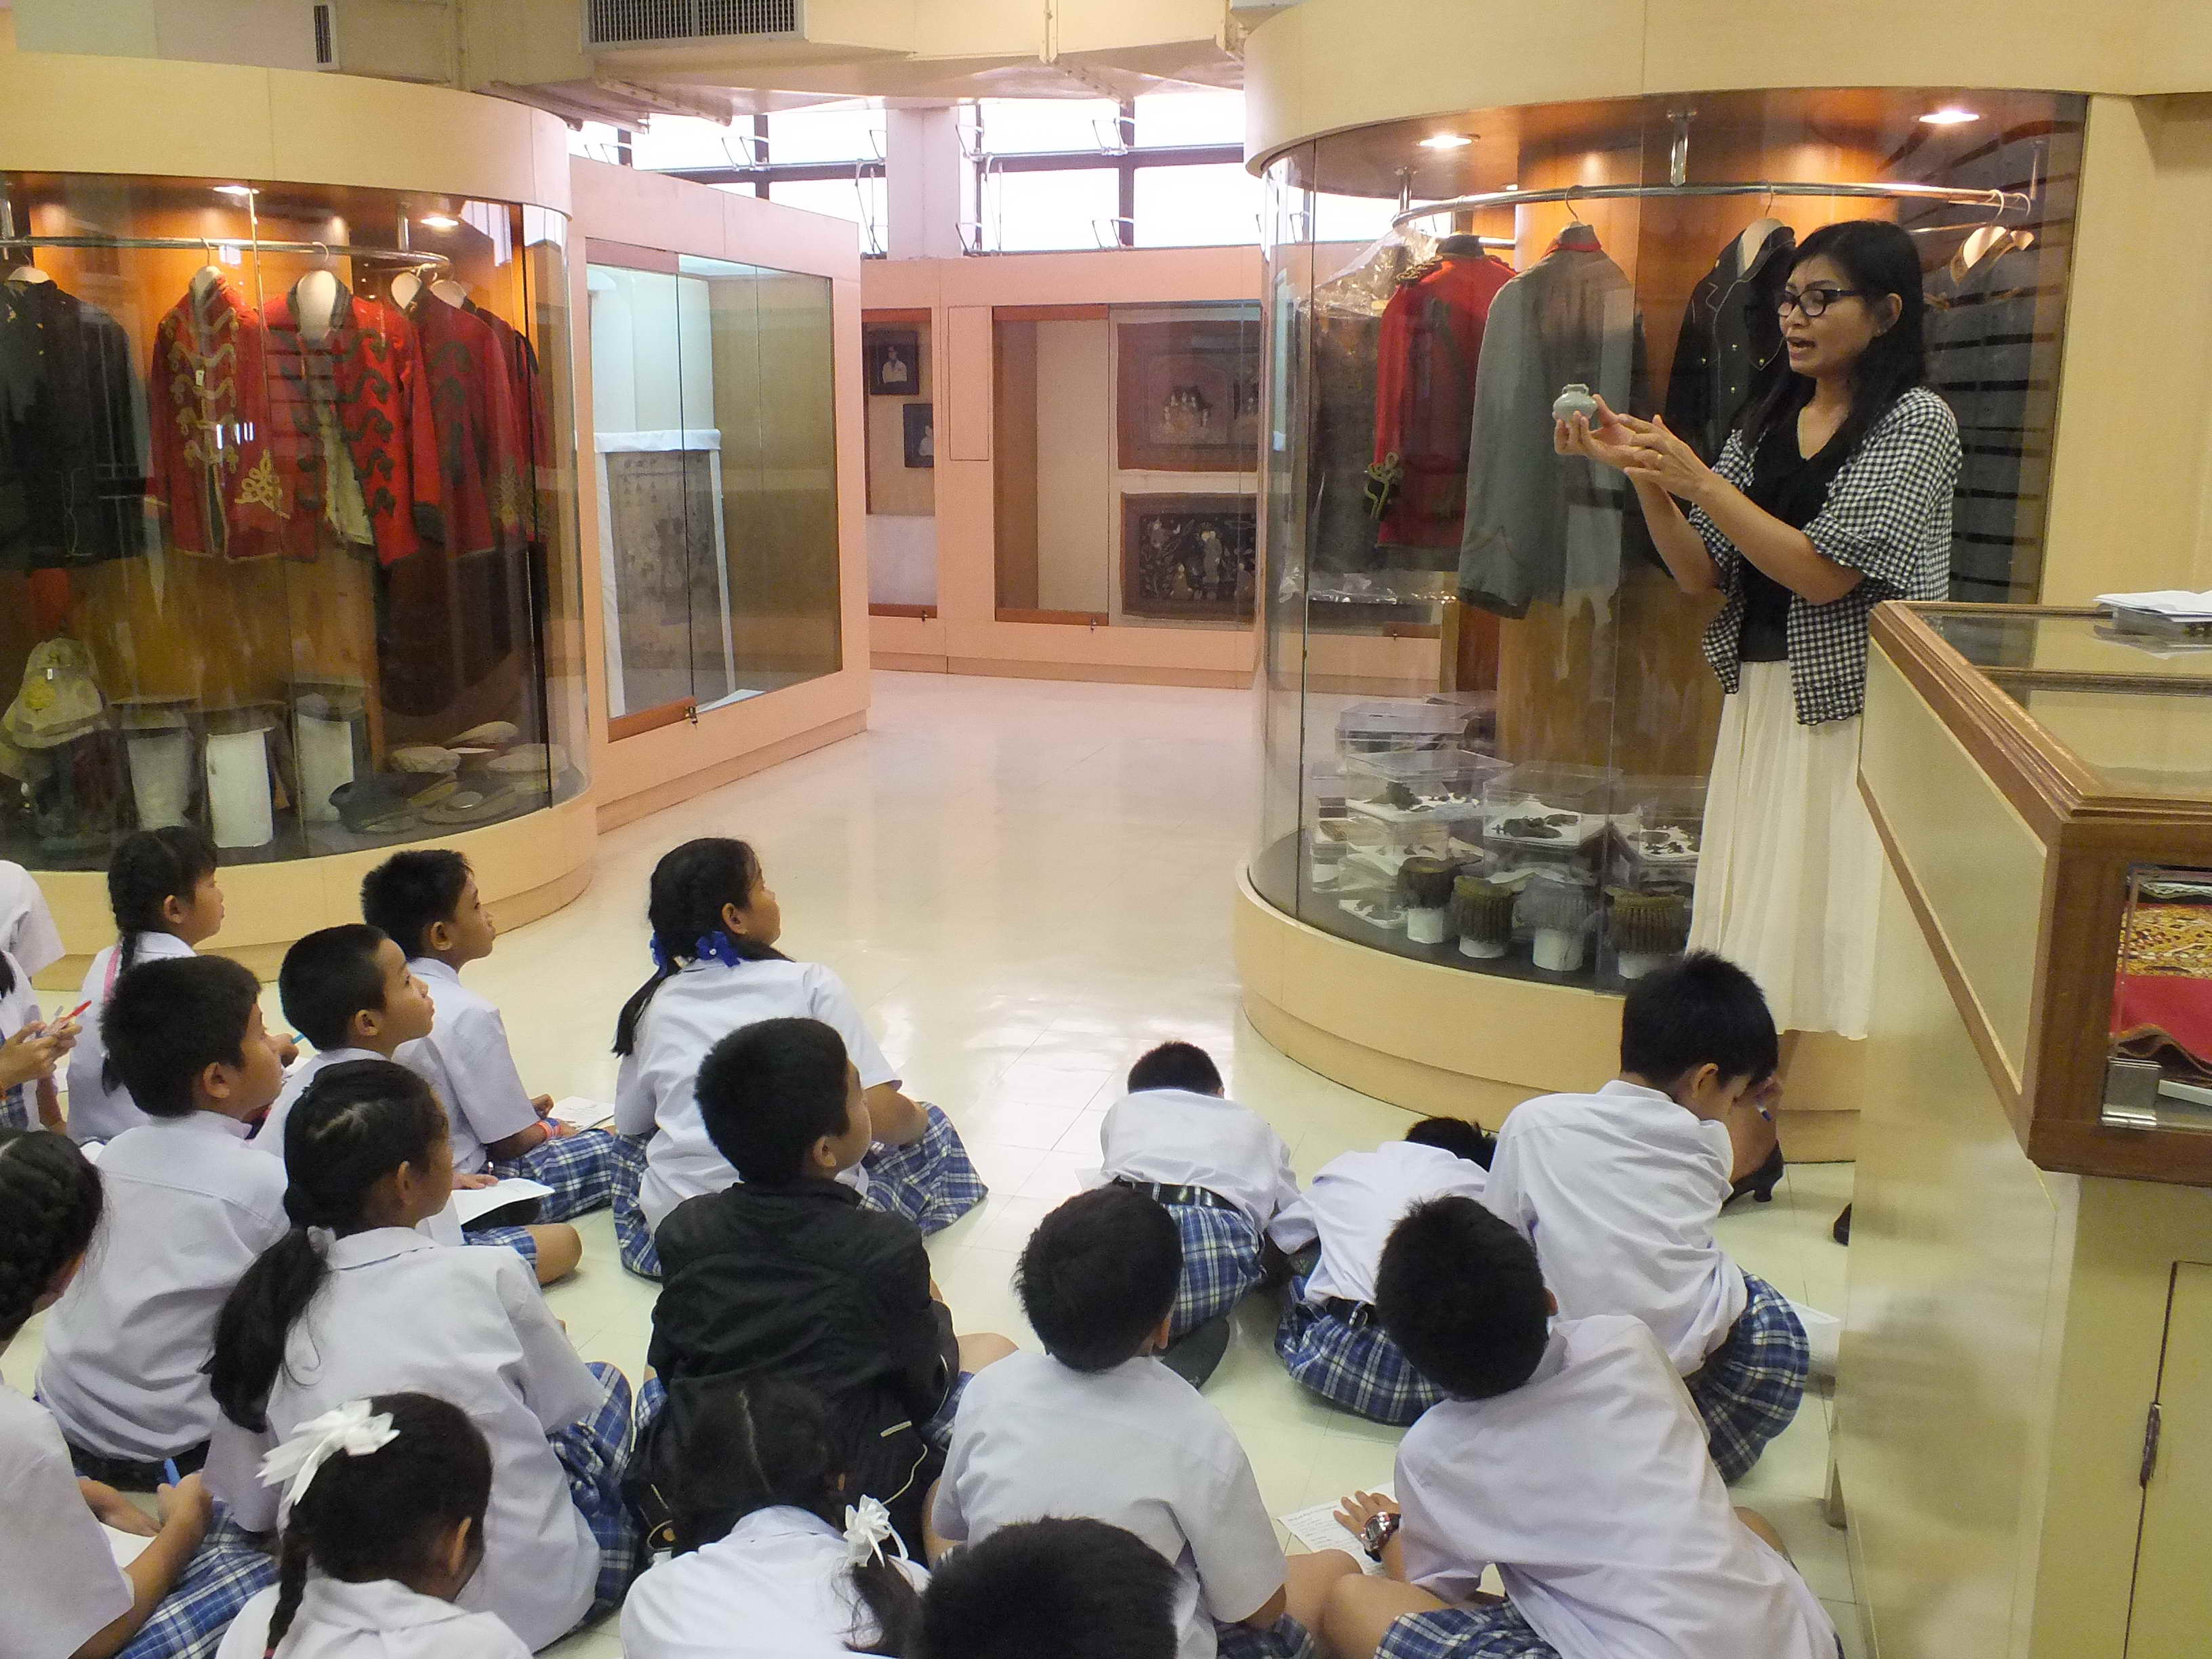 ทัศนศึกษานอกสถานที่ โรงเรียนแย้มสอาดรังสิต จังหวัดปทุมธานี